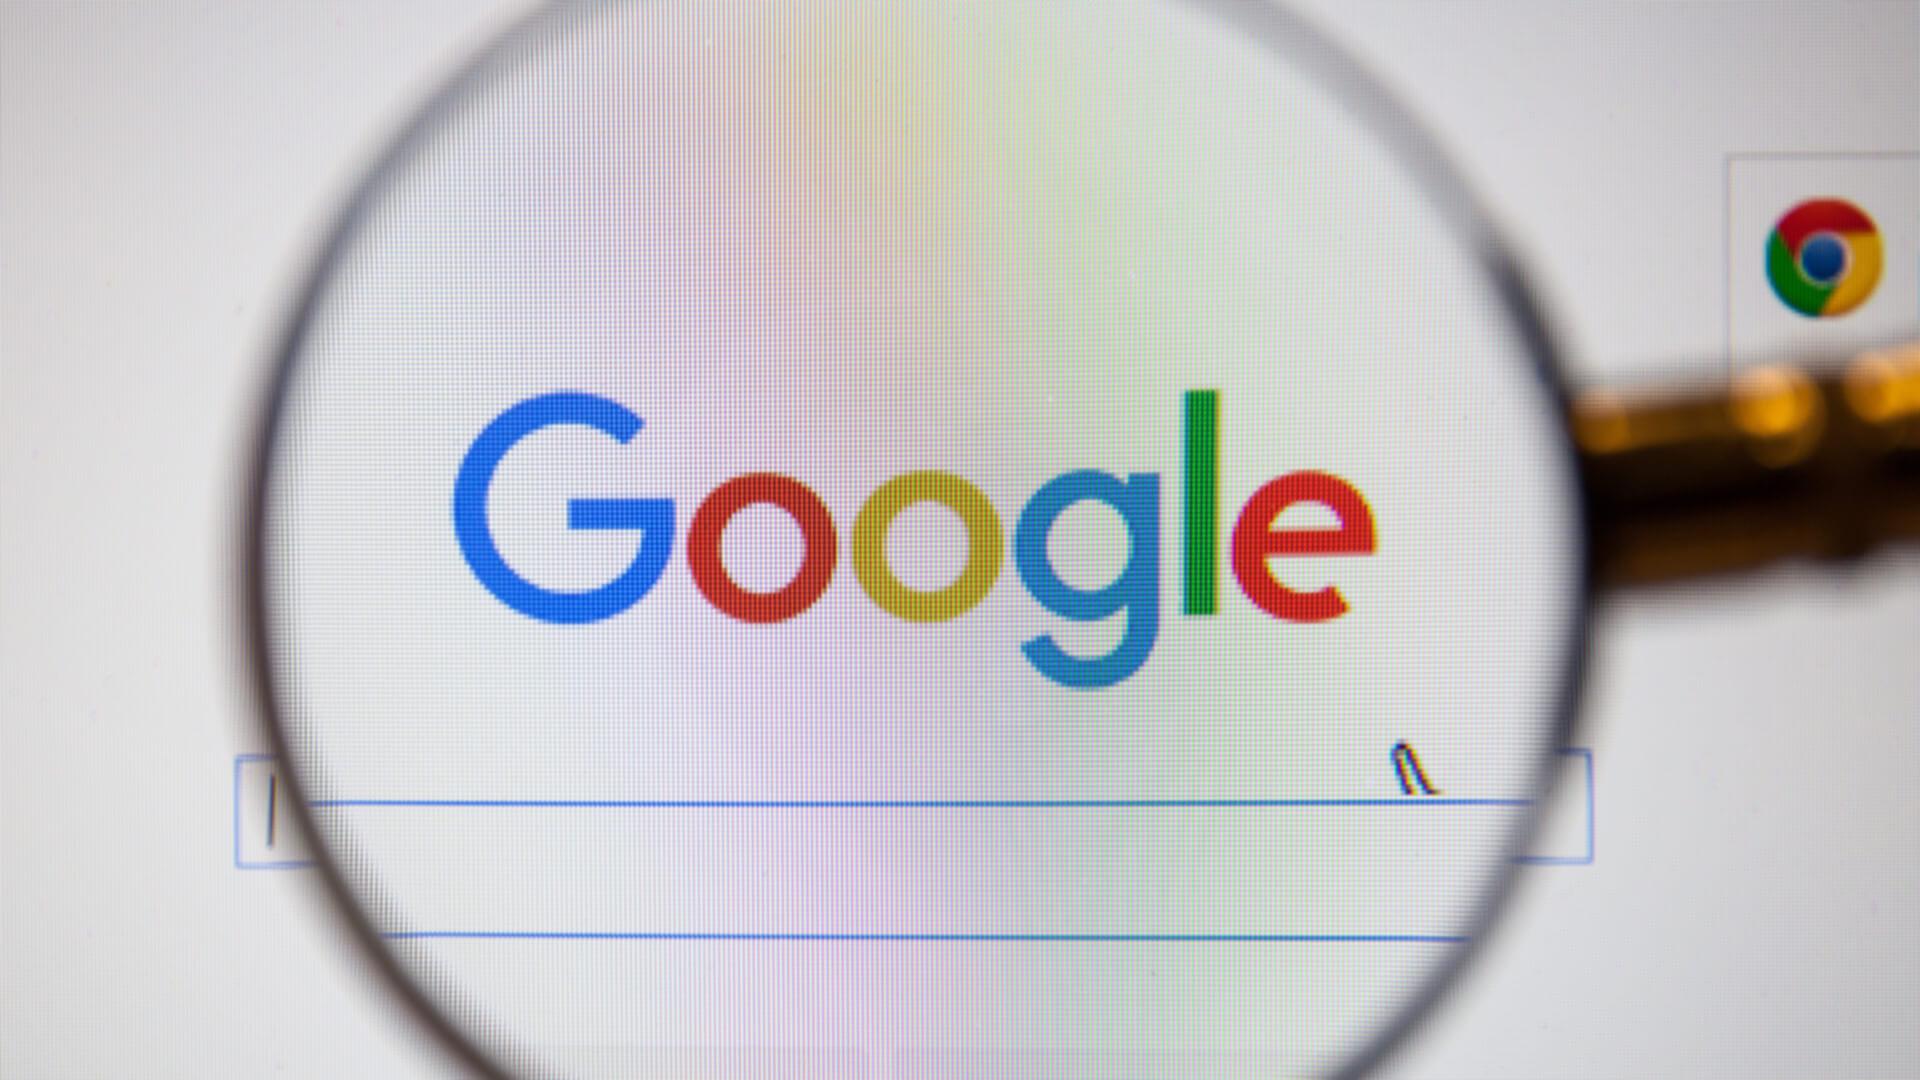 Google dua tuy chon moi giup de dang xoa triet de lich su tim kiem hinh